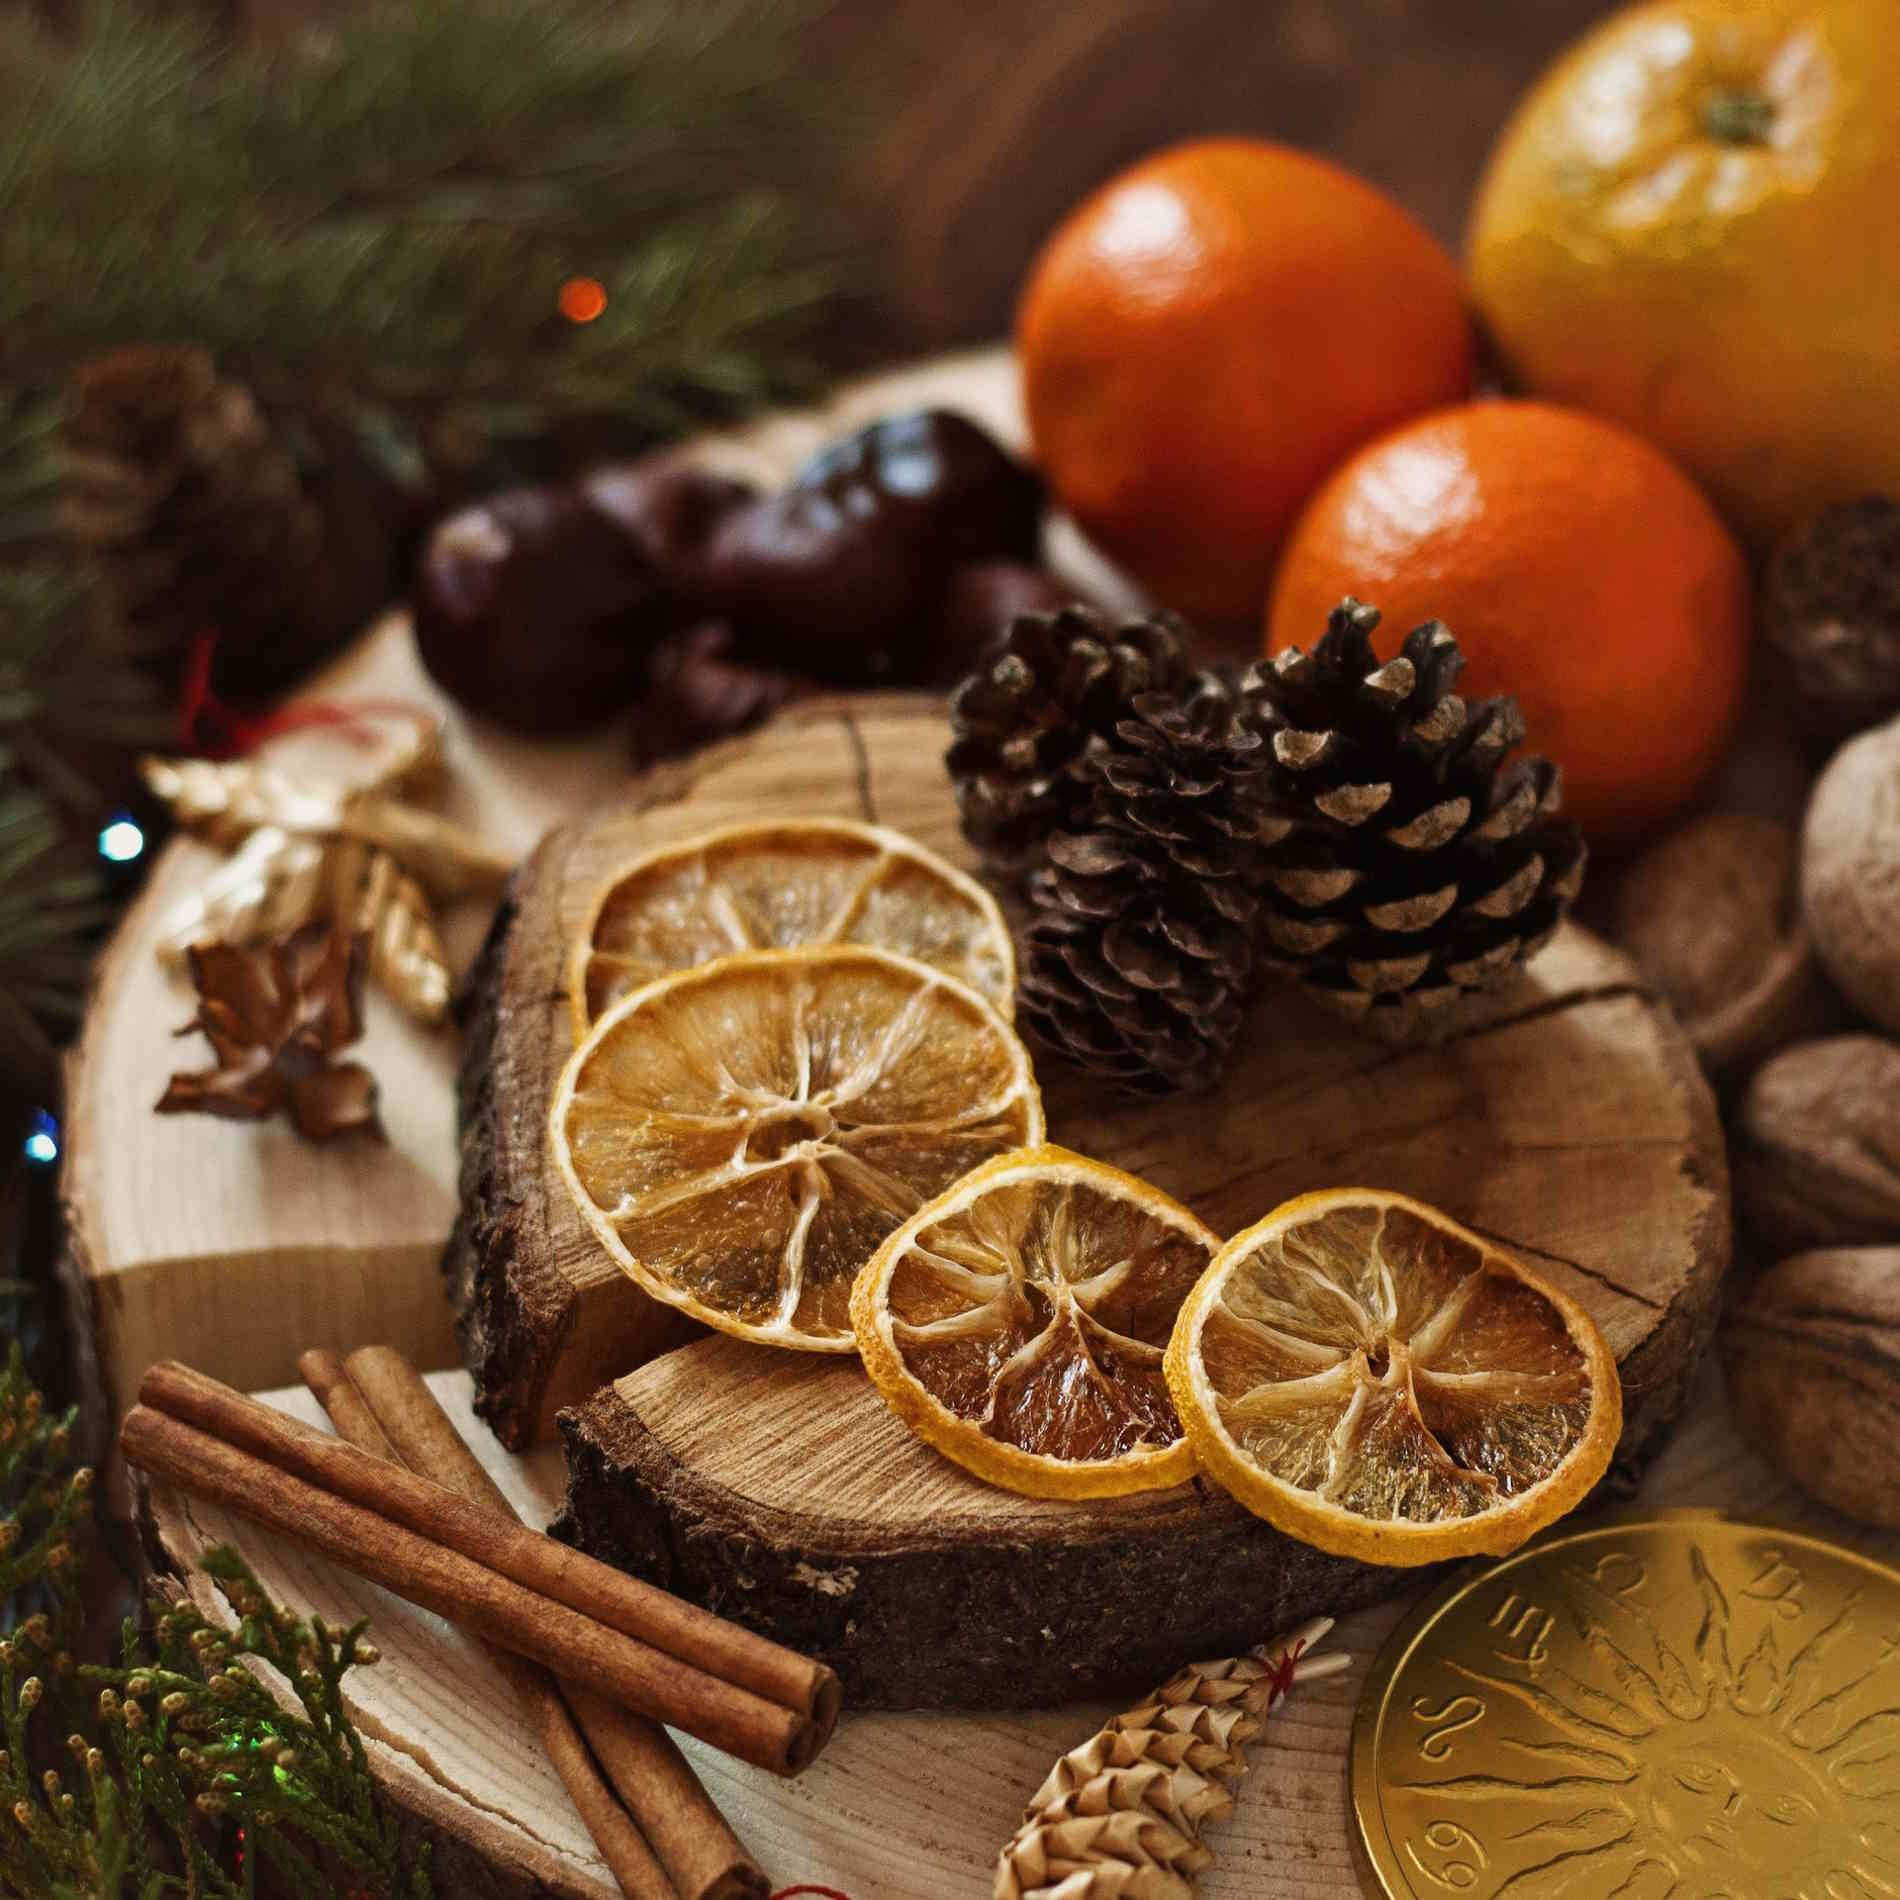 Aromi e profumi dalle ricette tipiche italiane tradizionali